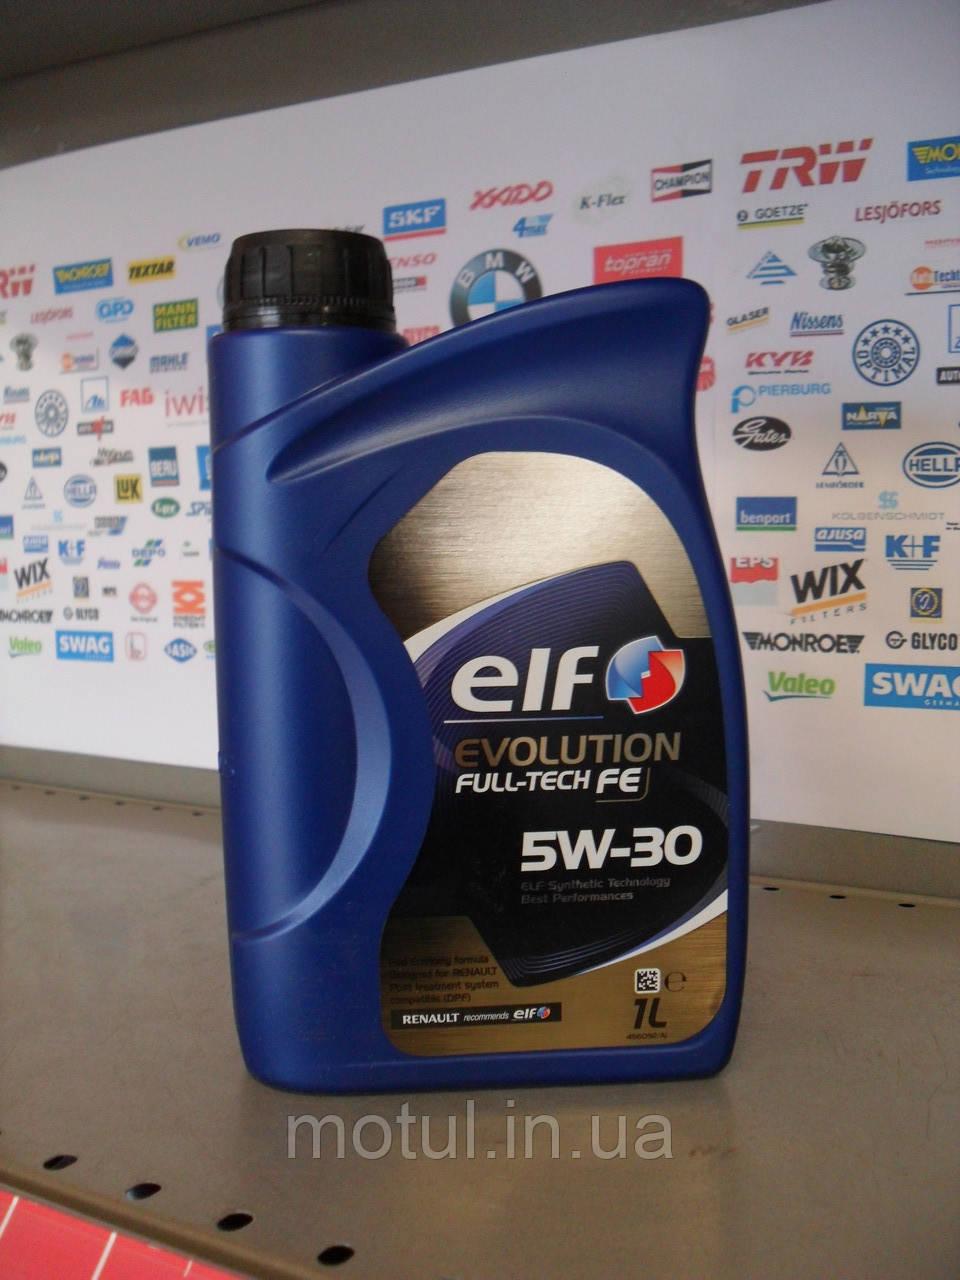 Моторне масло Elf Evolution Fulltech fe 5w30